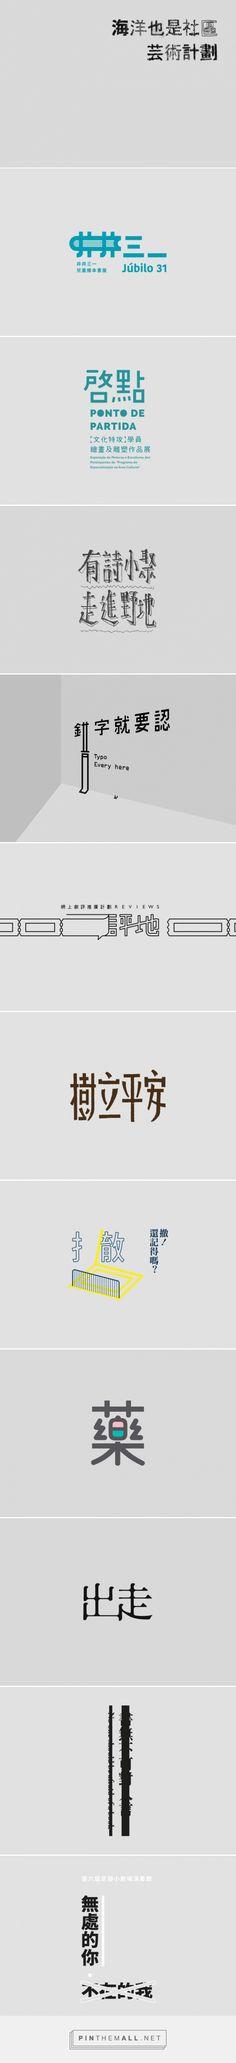 各式風格的Logotype | MyDesy 淘靈感... - a grouped images picture - Pin Them All